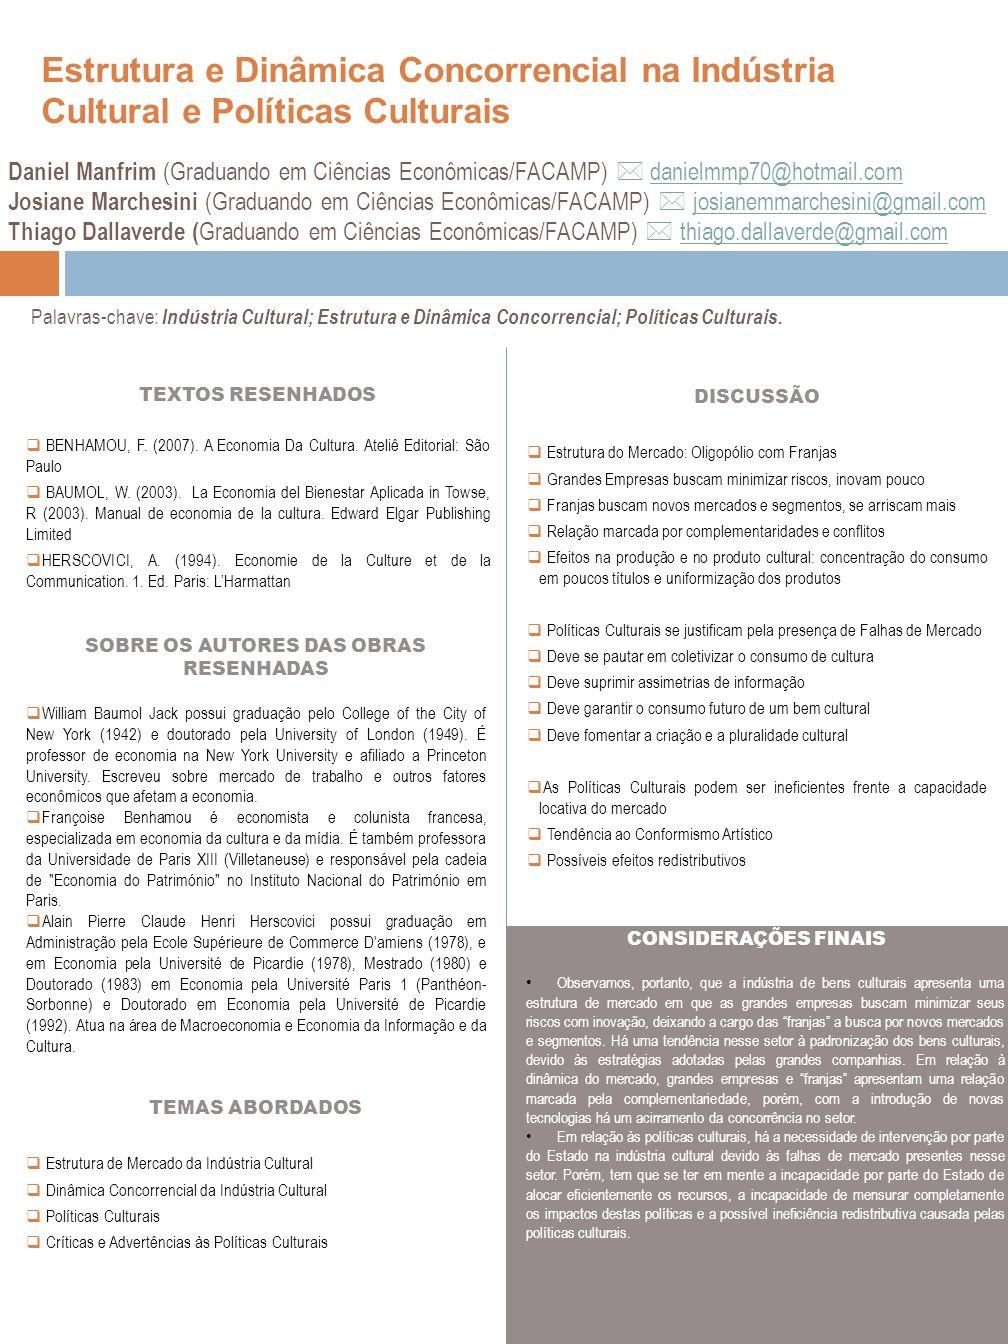 Estrutura e Dinâmica Concorrencial na Indústria Cultural e Políticas Culturais TEXTOS RESENHADOS BENHAMOU, F. (2007). A Economia Da Cultura. Ateliê Ed